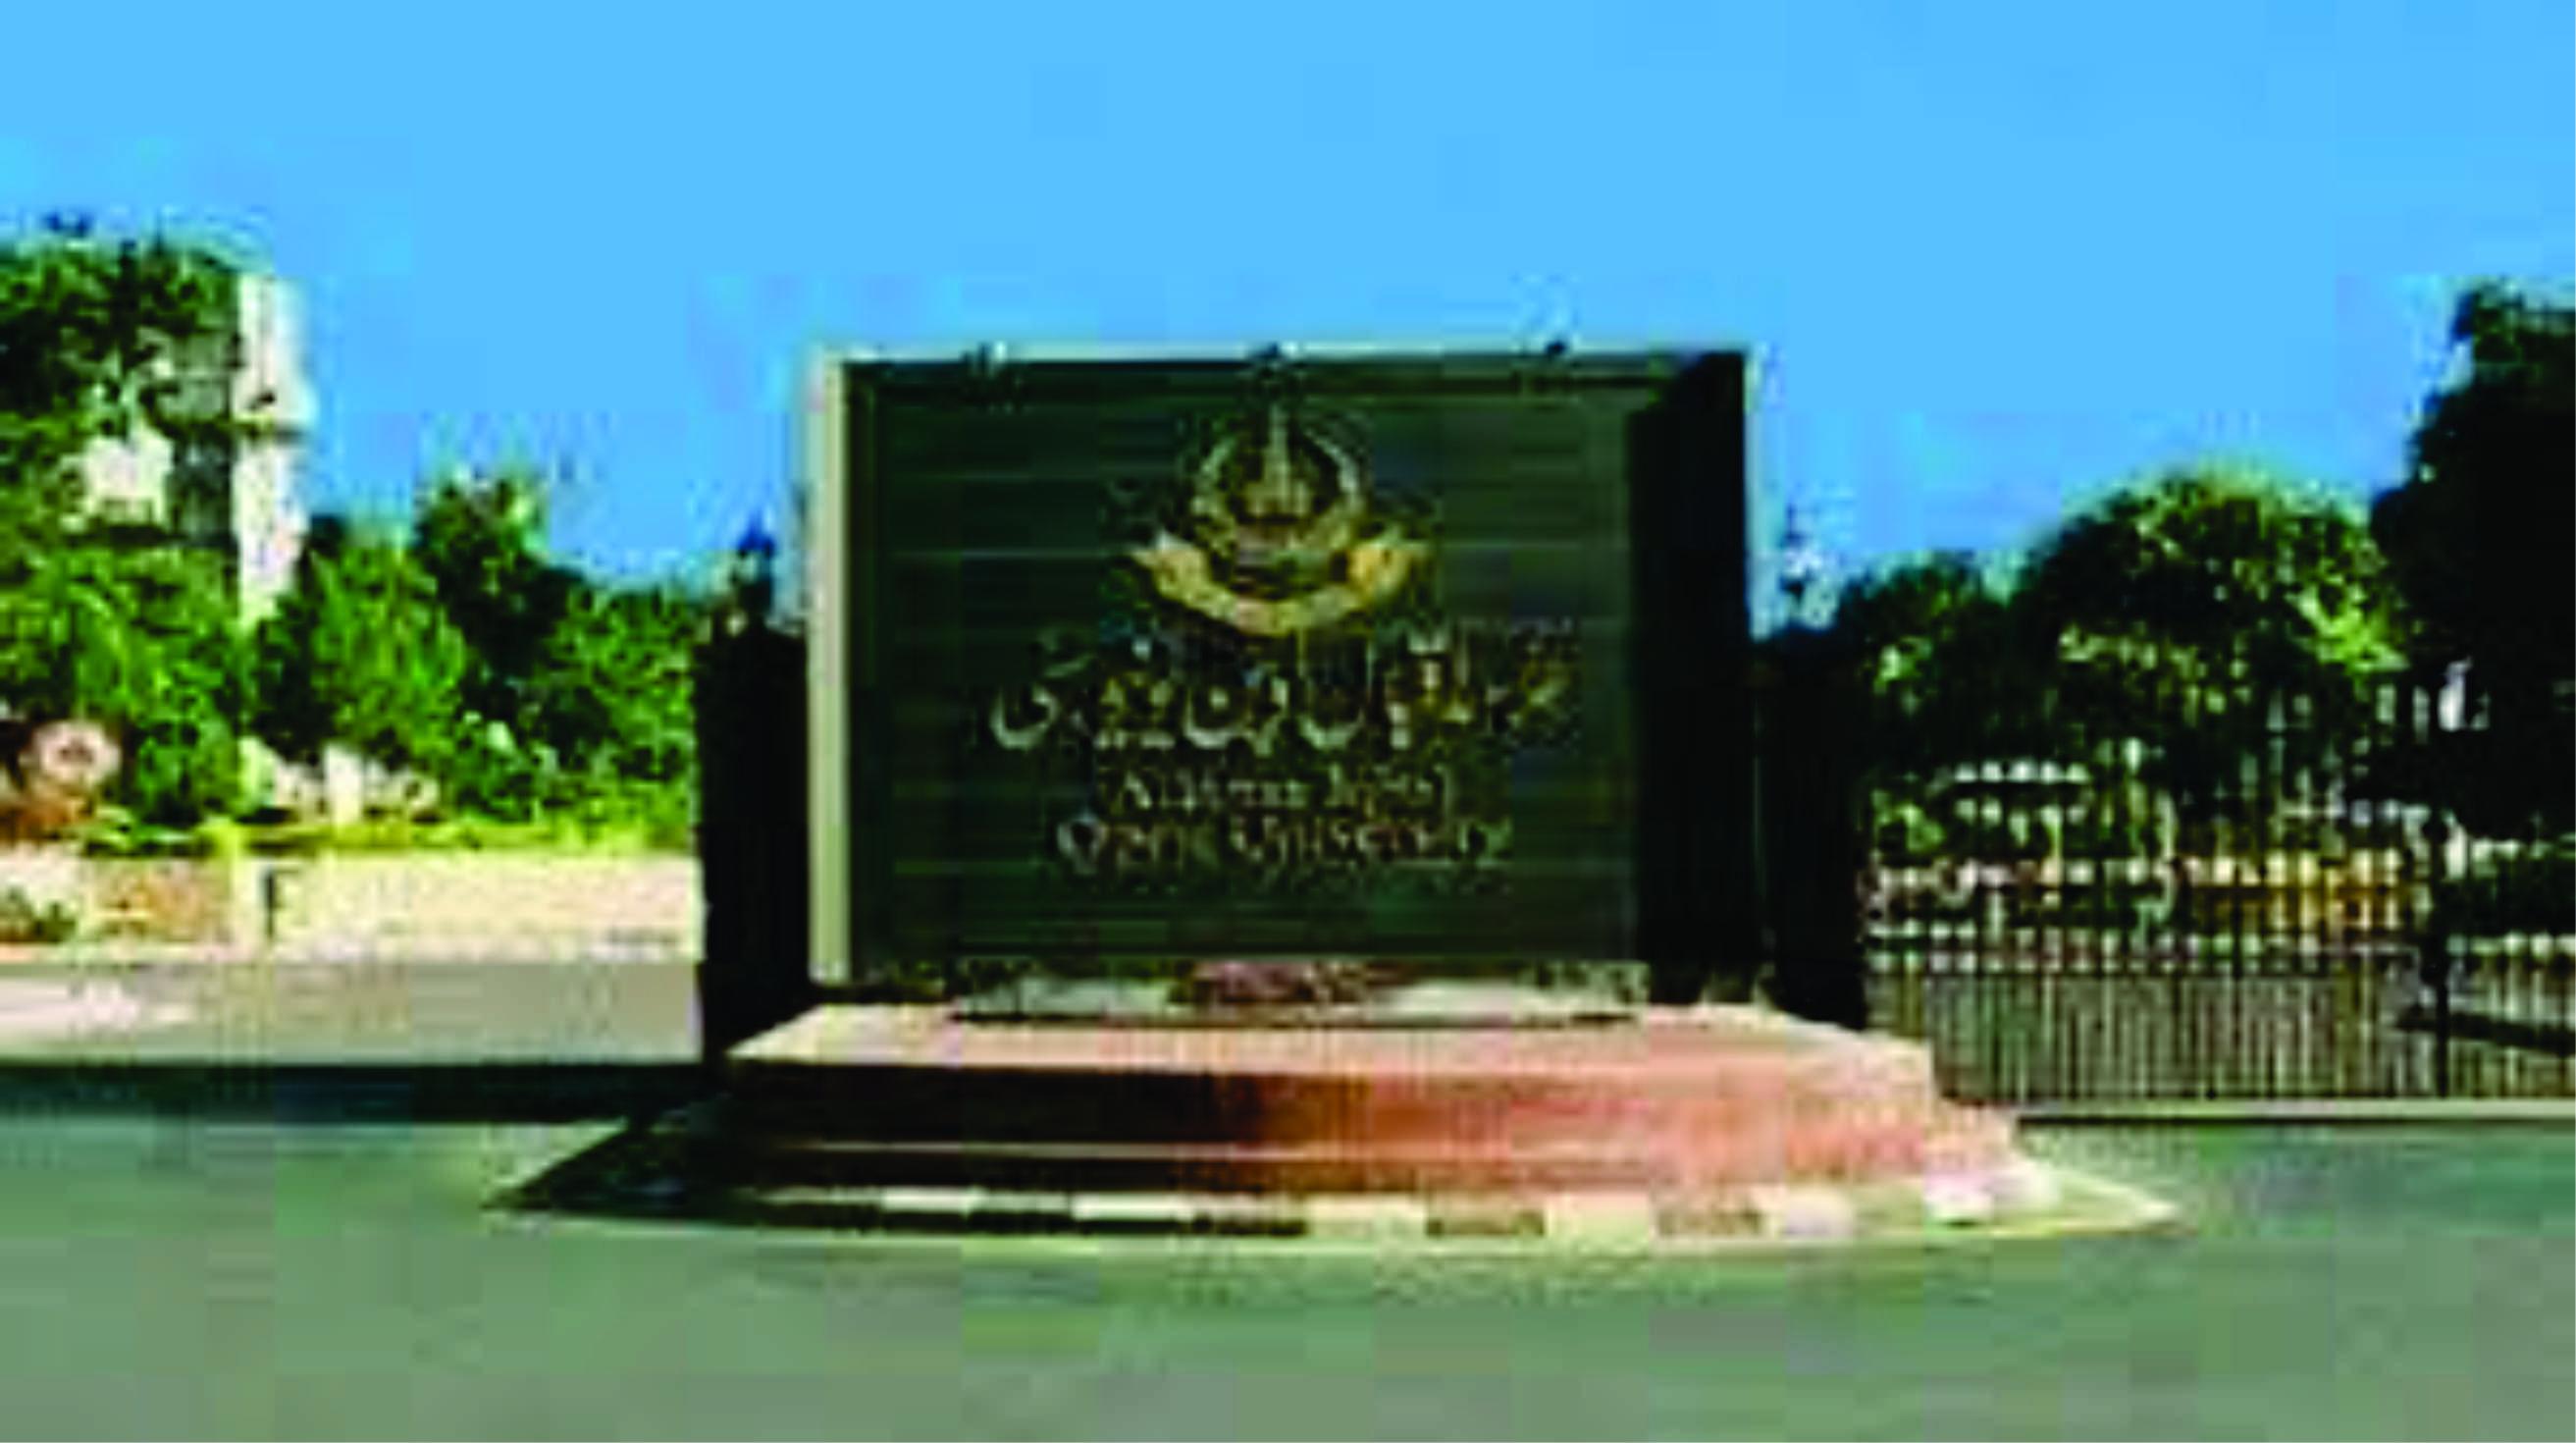 علاقہ اقبال یونیورسٹی کے ہزاروں طلباء بھاری فیس کے باوجود کتابوں سے محروم ، طلباء وطالبات پریشان